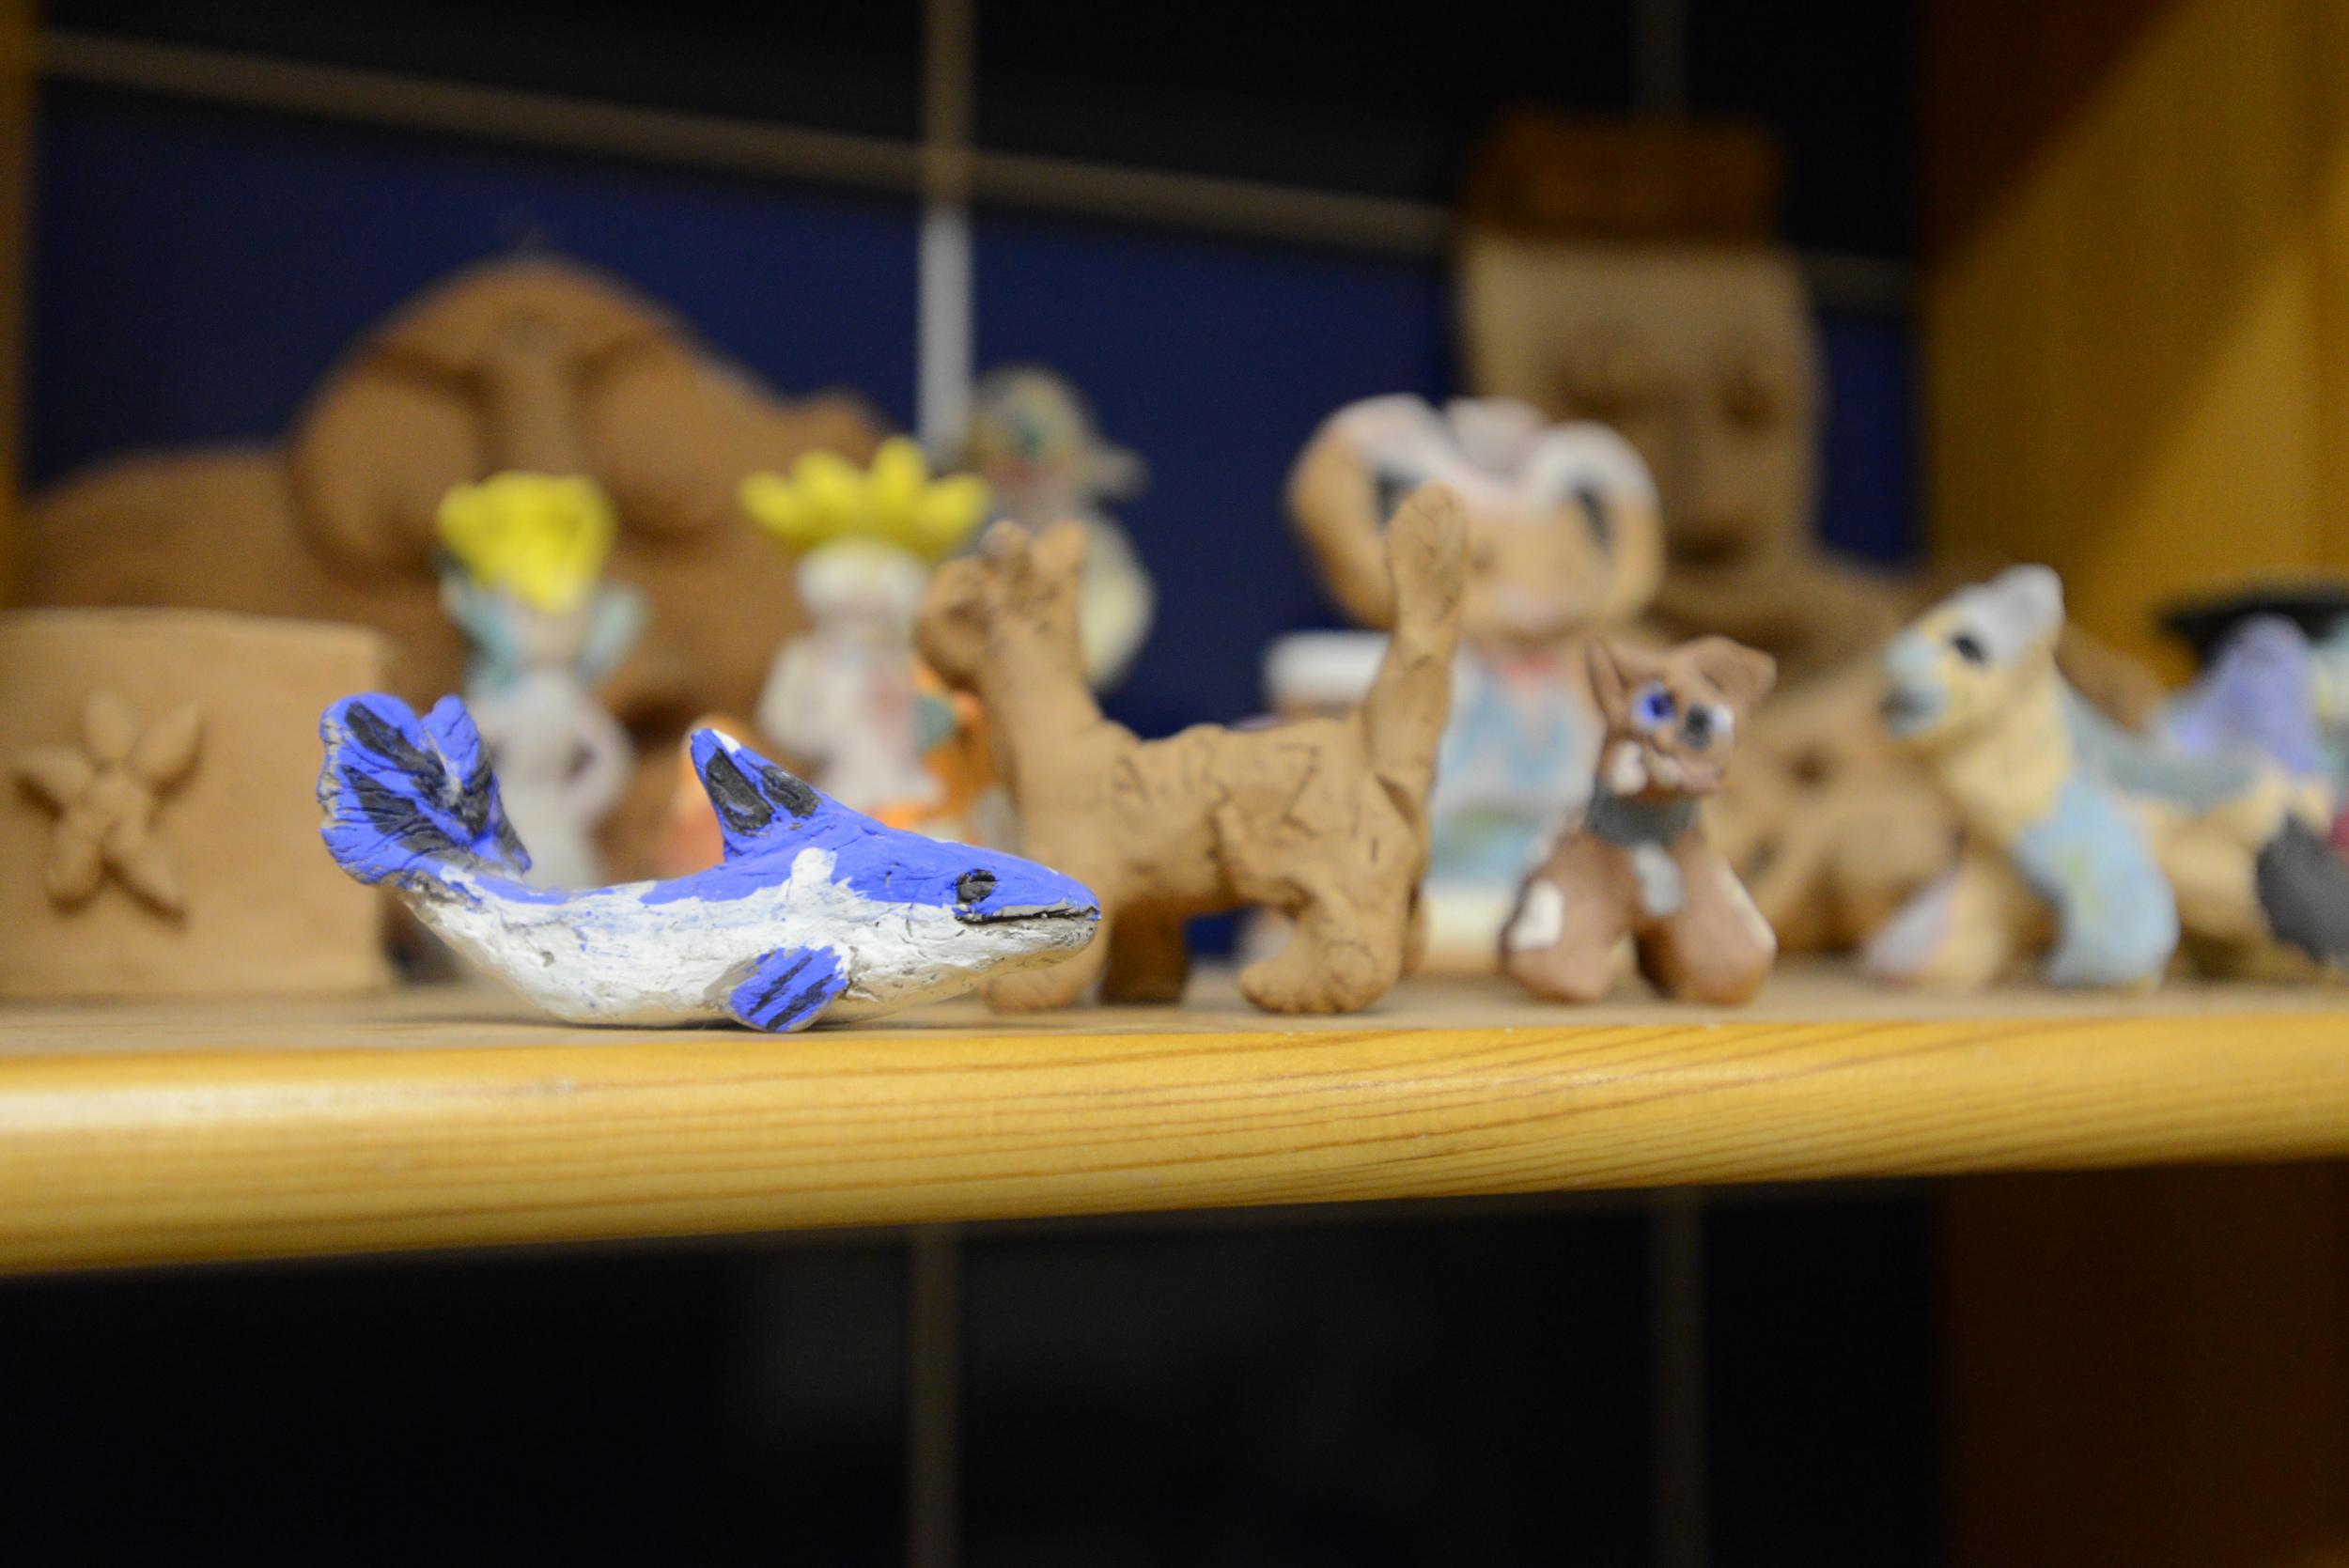 陶芸のクラスには、古い生徒が作ったイルカの置物があった。